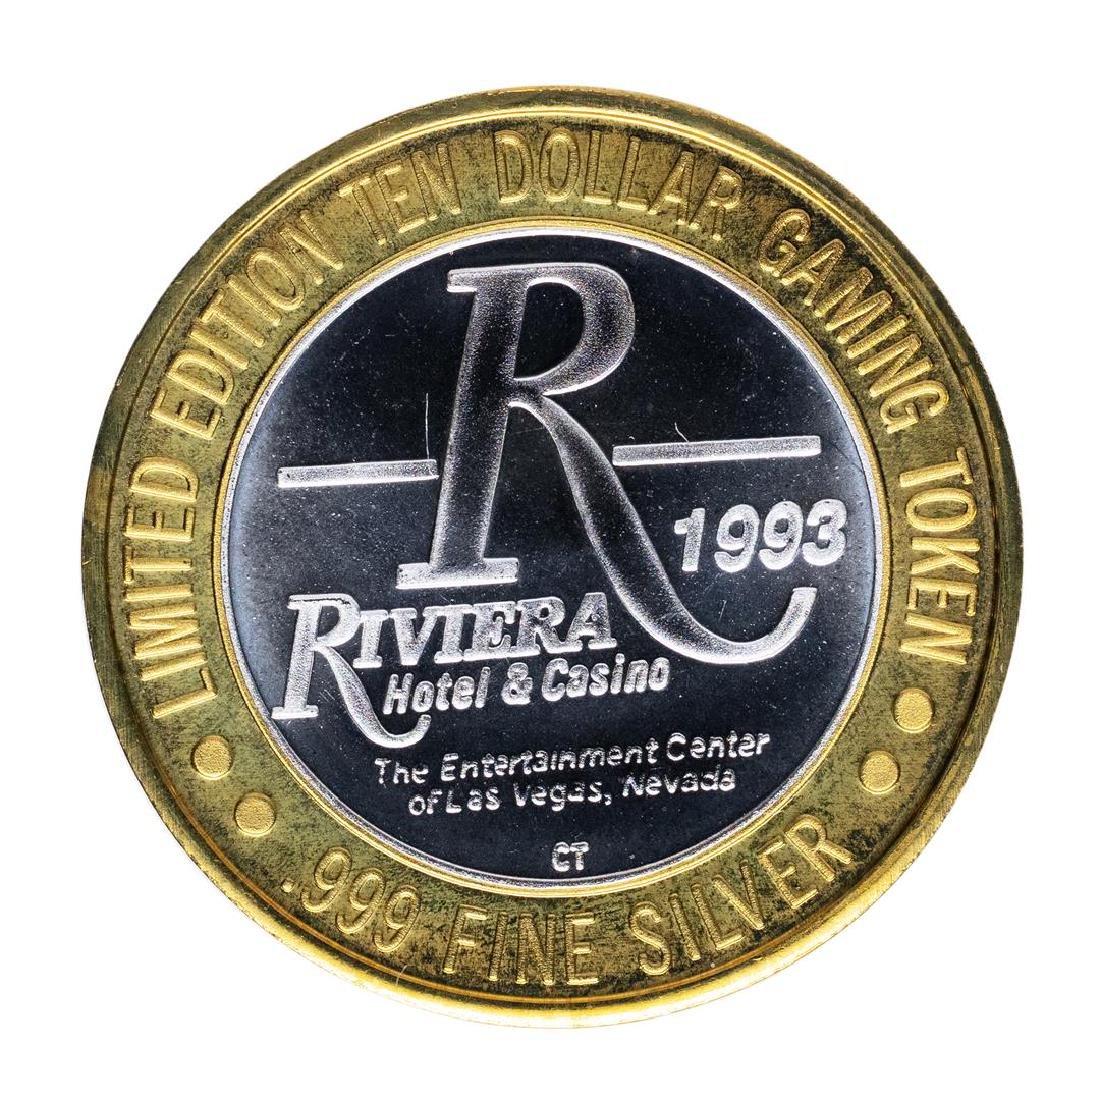 .999 Silver Riviera Hotel & Casino Las Vegas $10 Casino